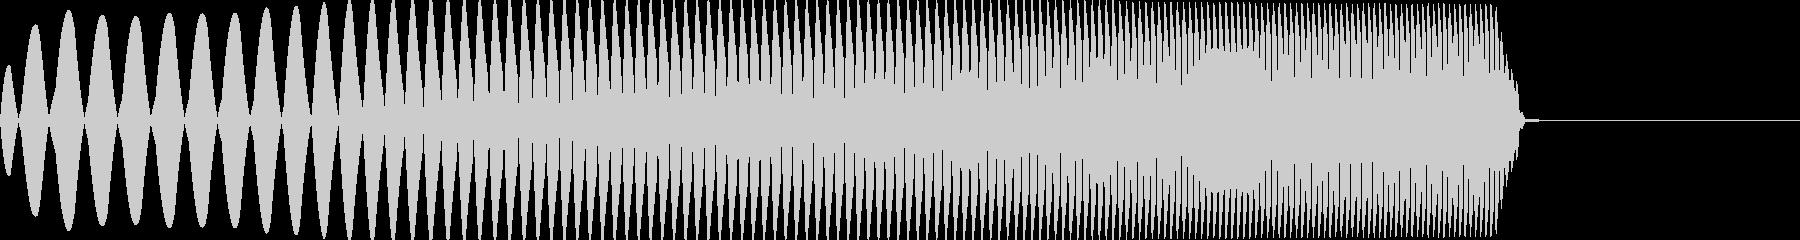 アナログFX 6の未再生の波形